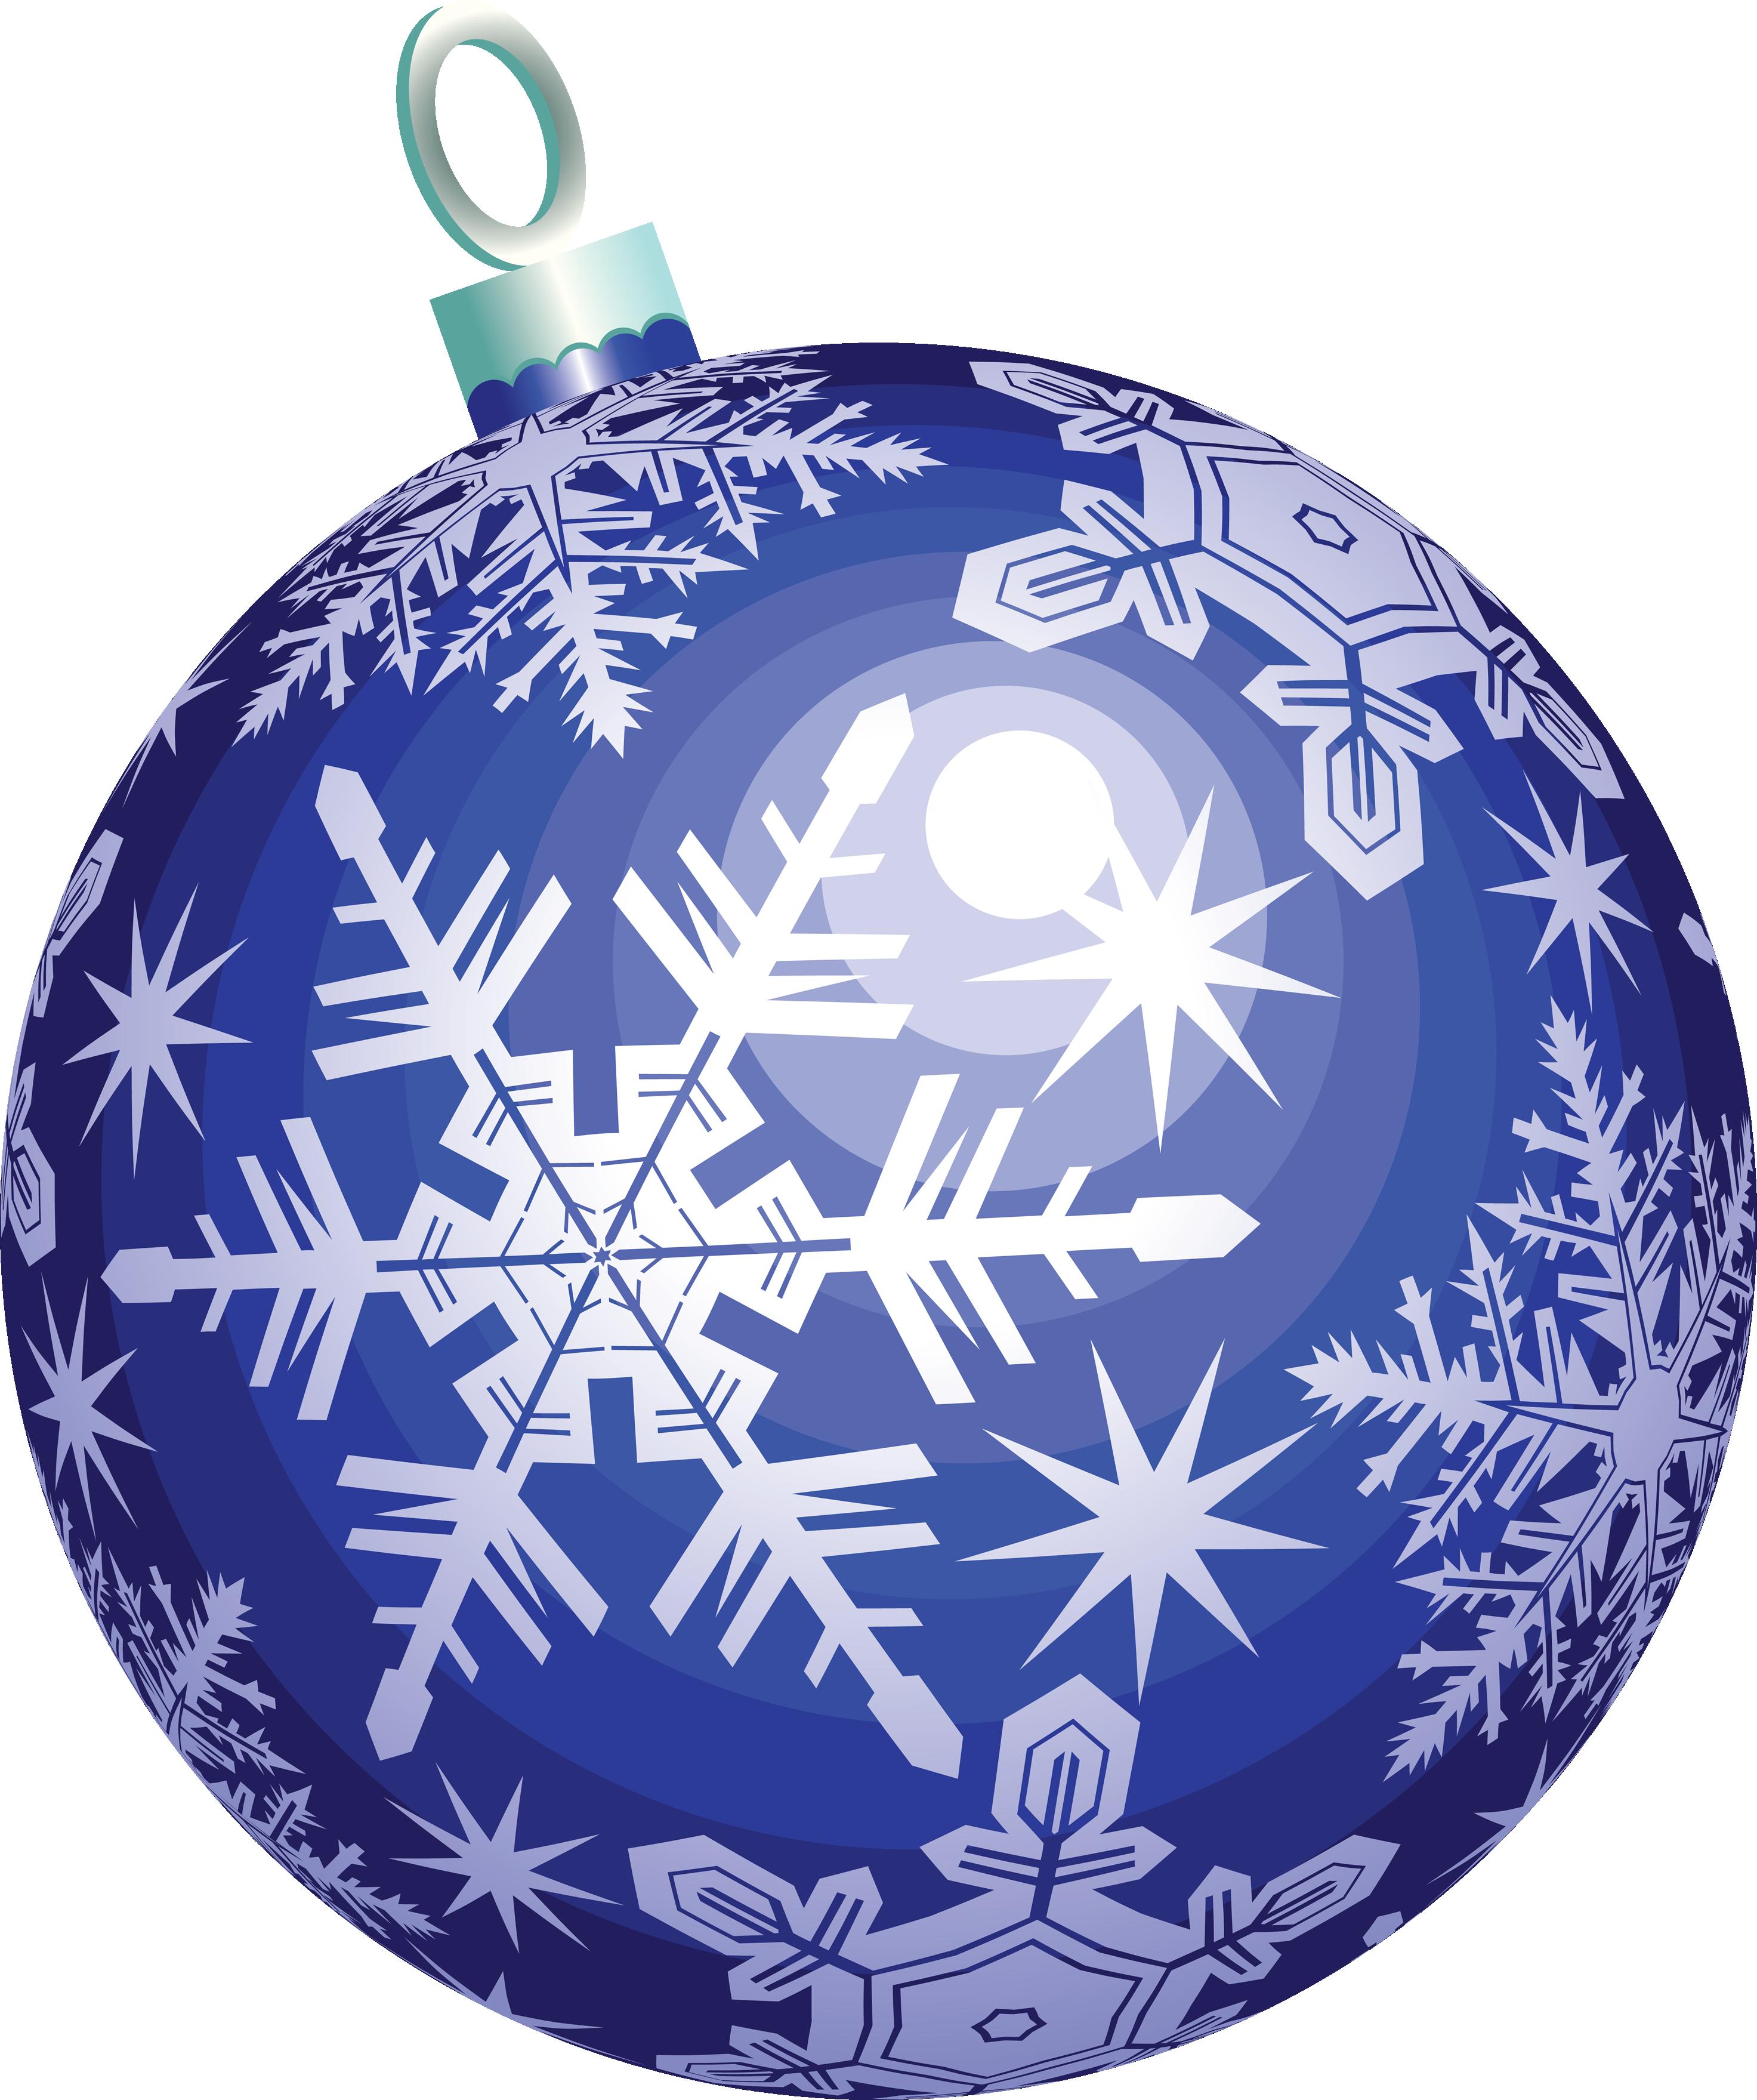 Blue Christmas Balls Png image #35221 - Christmas Ball PNG